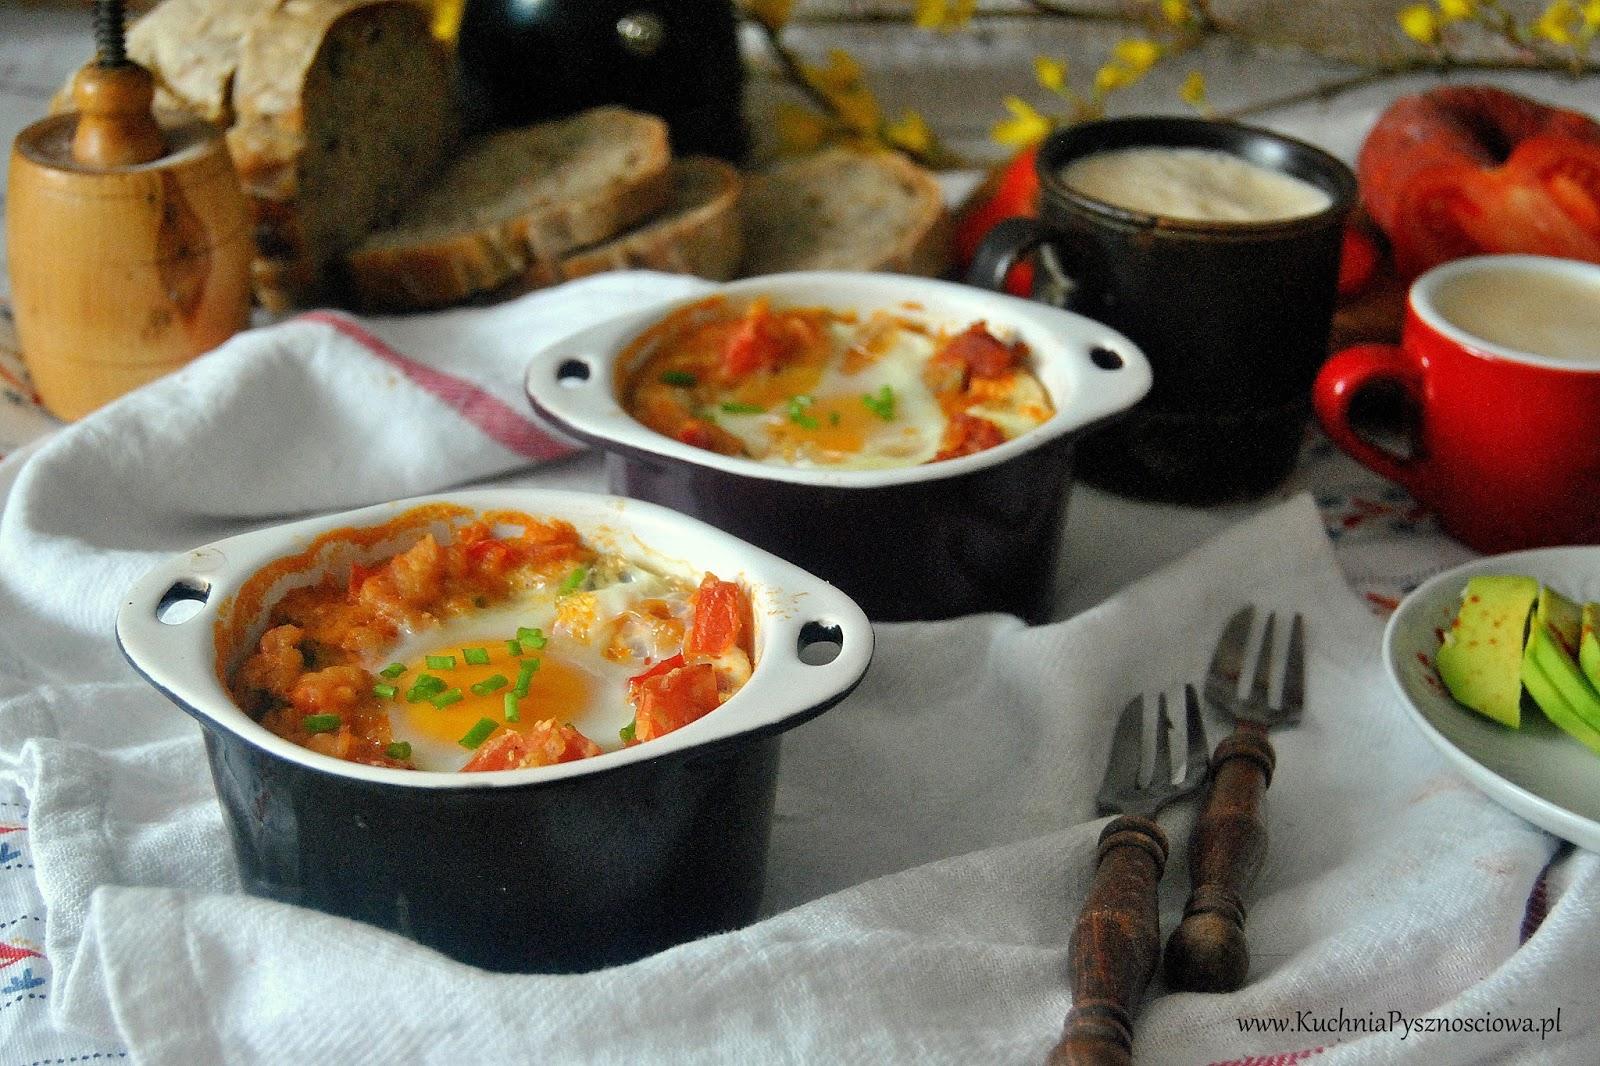 581. Jajka zapiekane z pomidorami, soczewicą i kiełbasą chorizo